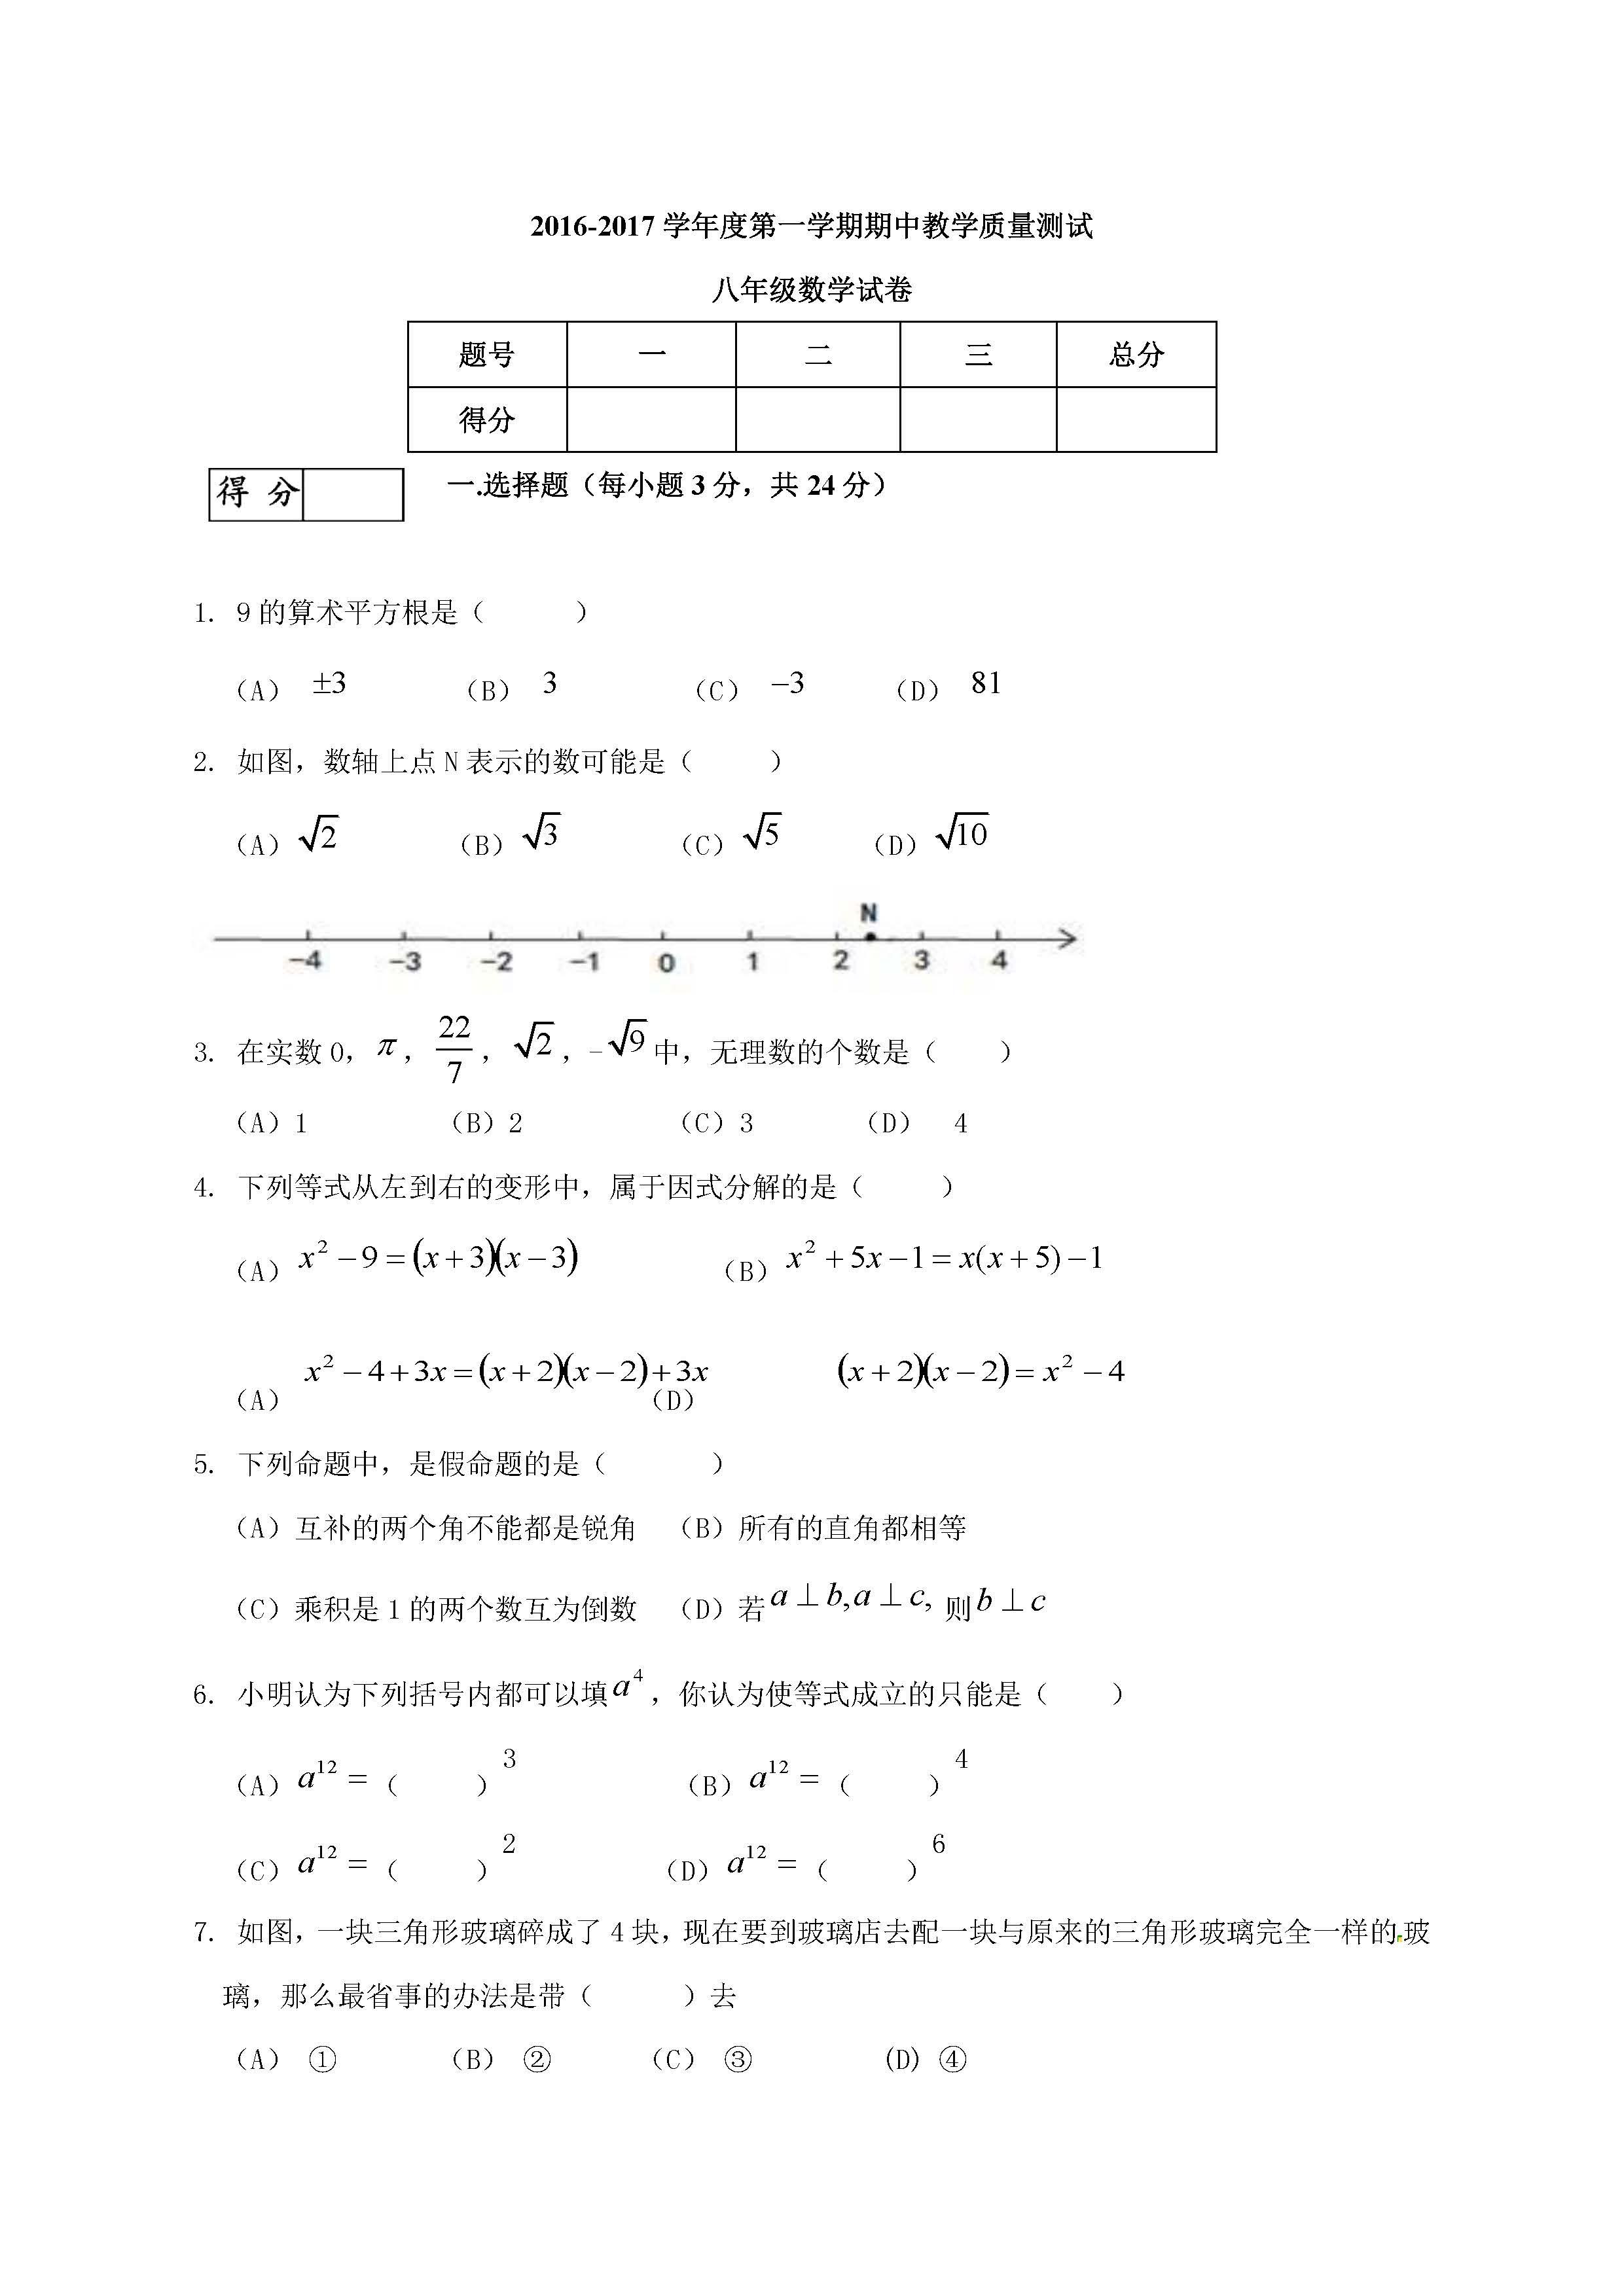 2016长春九台区八年级上期中数学质量检测试题(图片版)